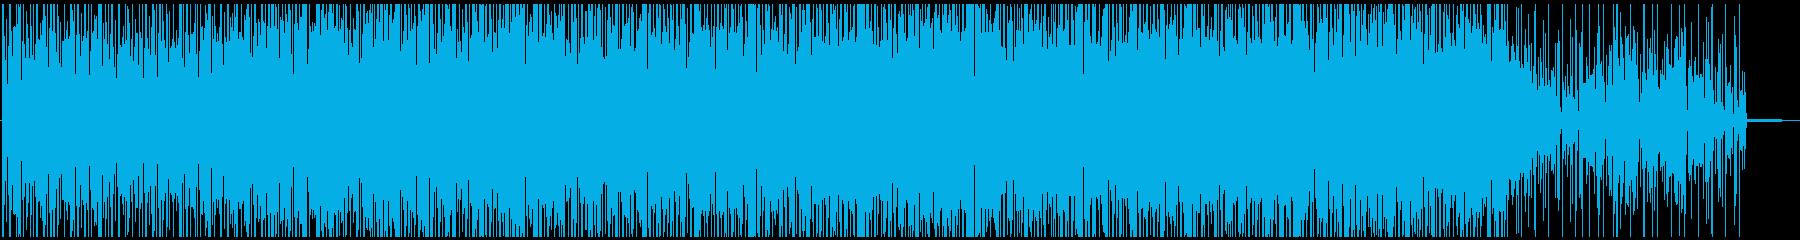 ジャズピアノソロが印象的なラテンハウスの再生済みの波形